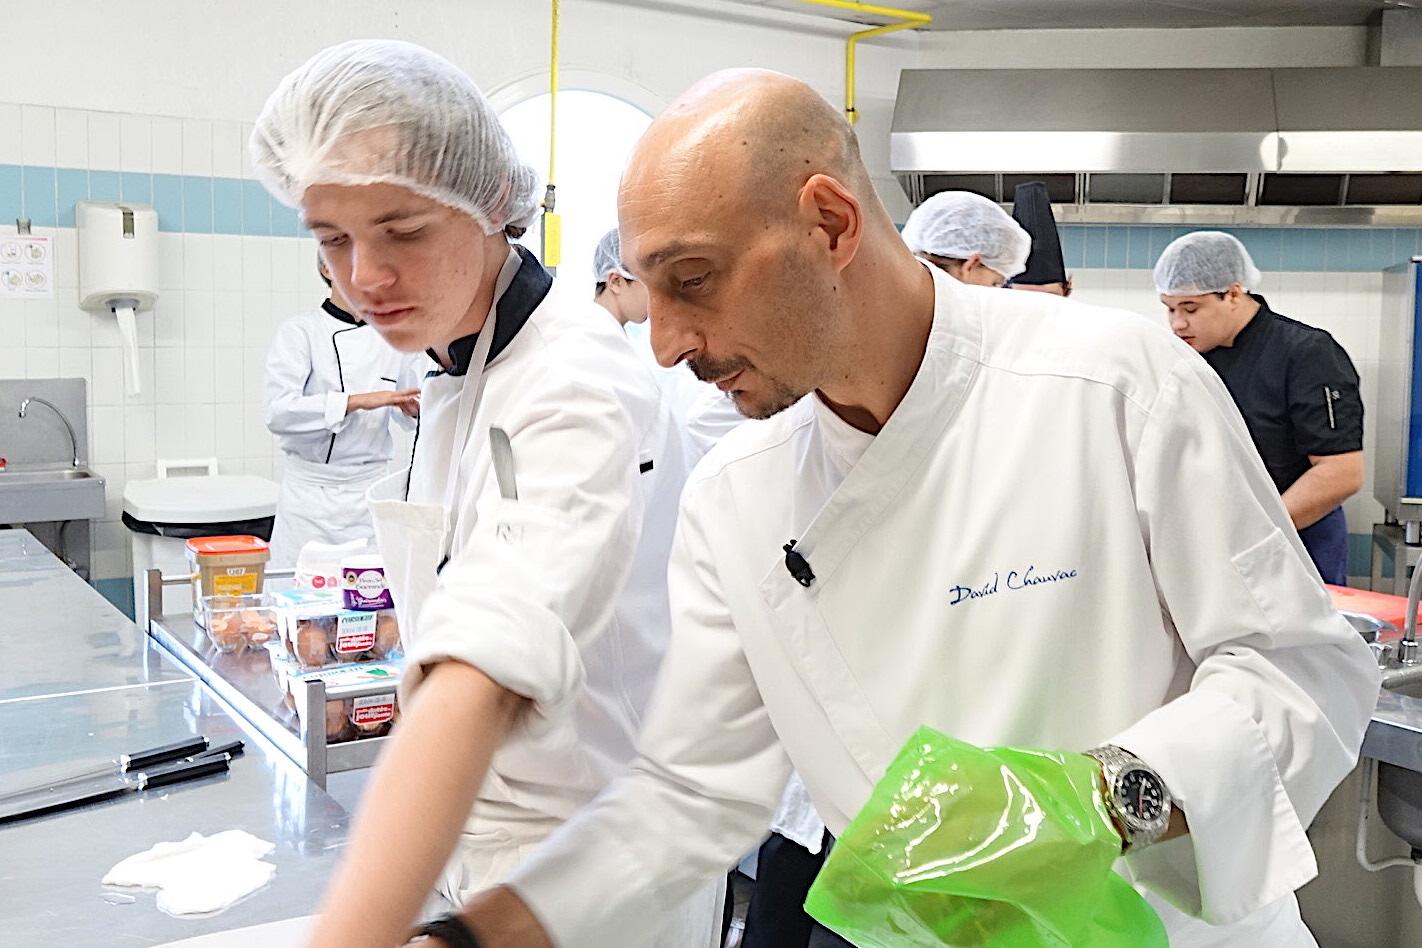 """David Chauvac, le chef étoilé de """"La Roya"""""""